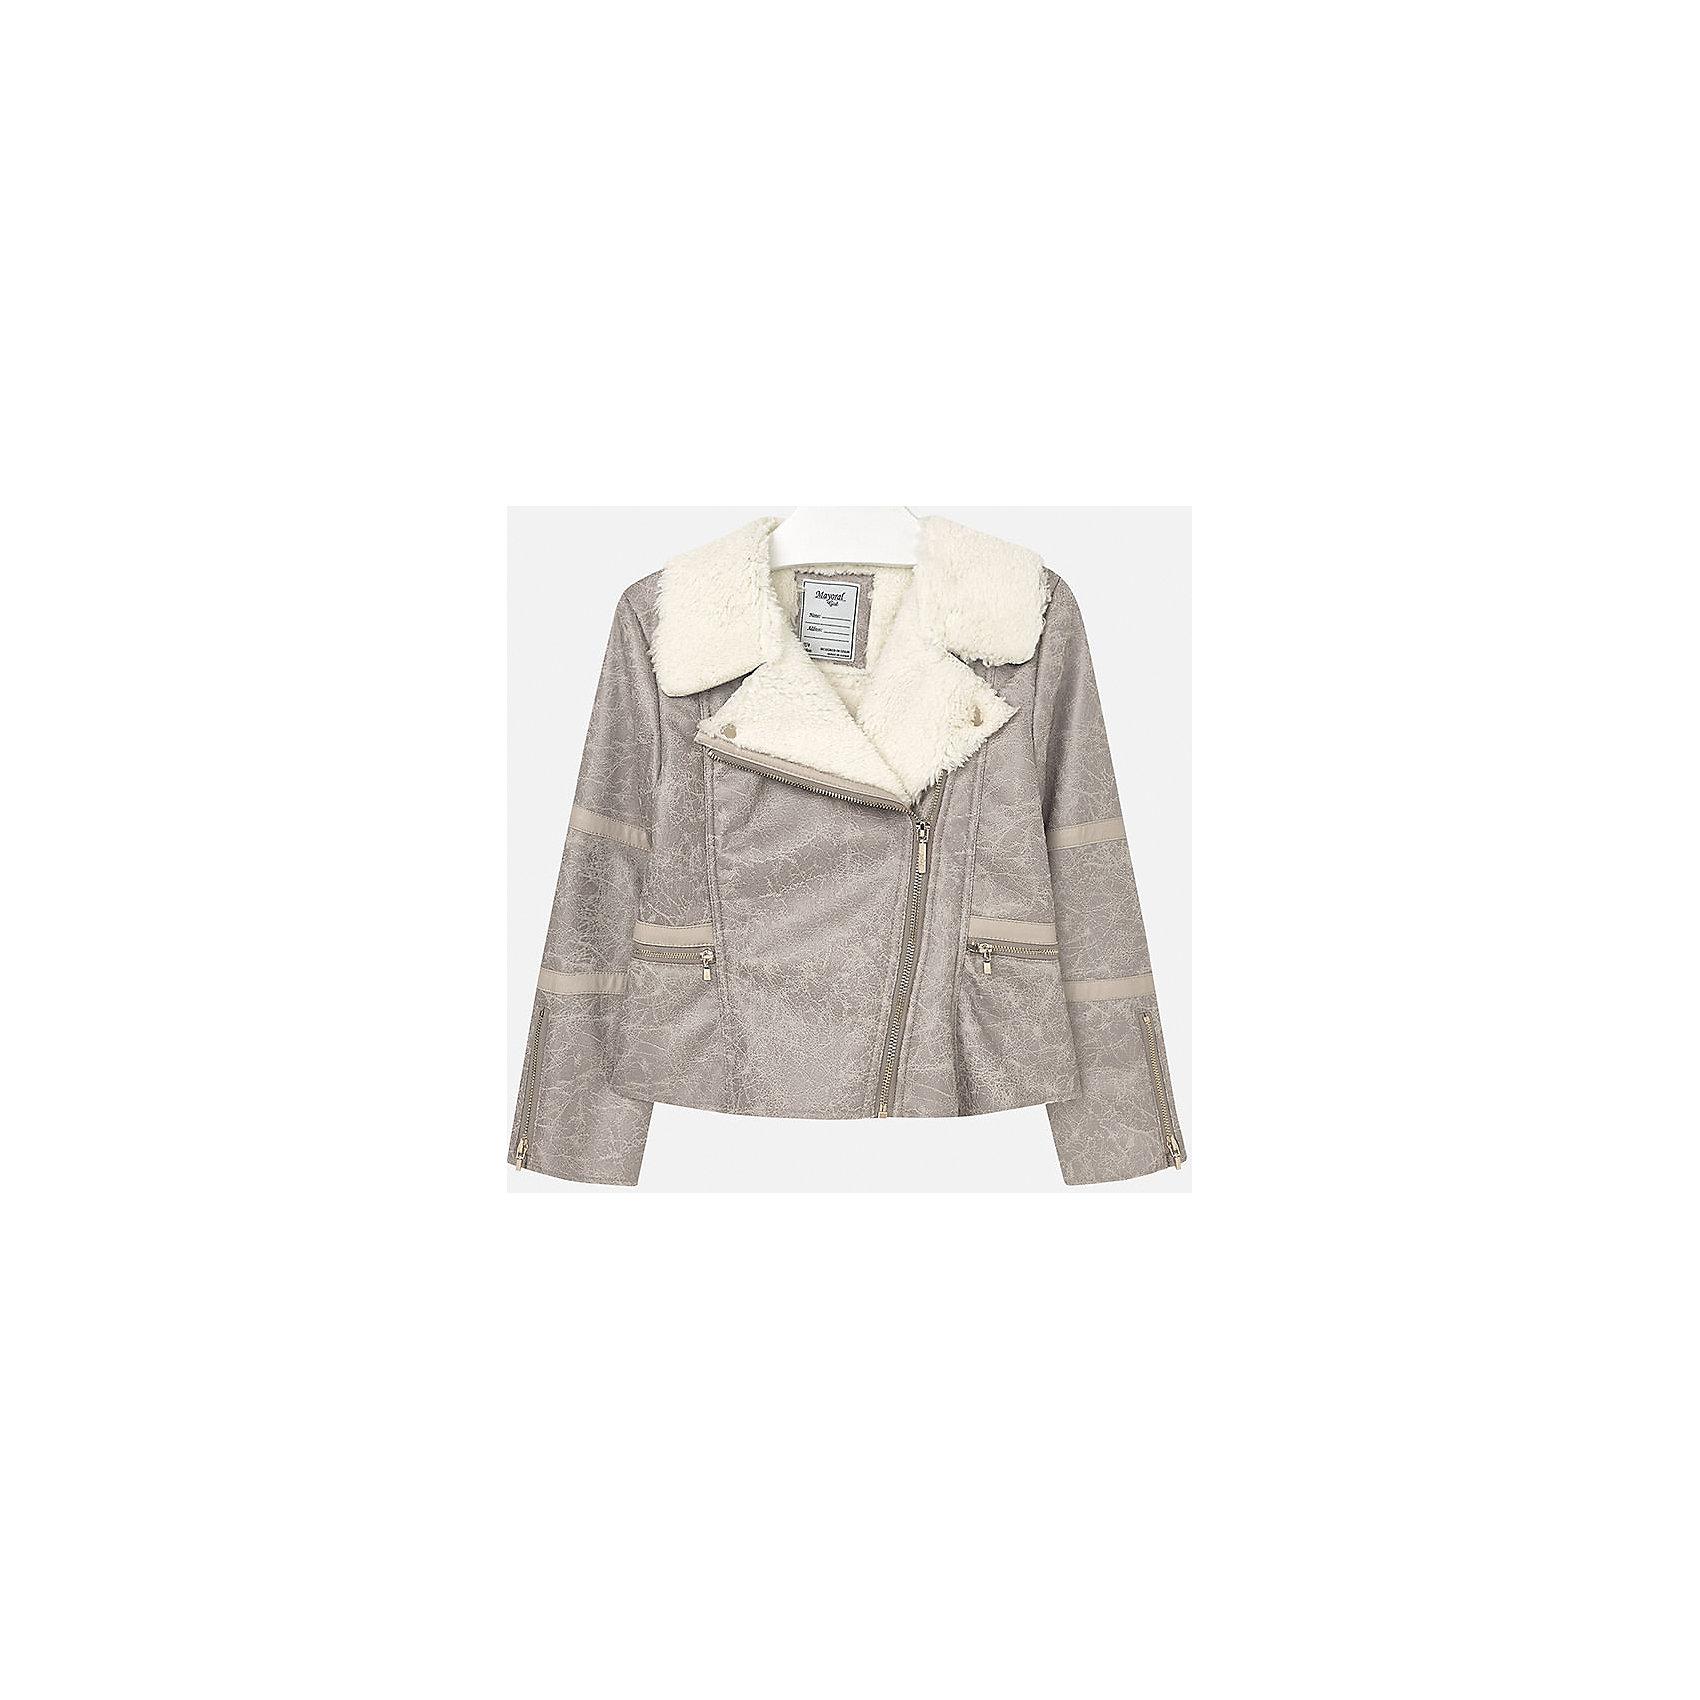 Куртка для девочки MayoralВерхняя одежда<br>Куртка для девочки от популярного испанского бренда Mayoral(Майорал). Стильная куртка из искусственной замши с эффектом потертостей, украшена искусственным мехом на вороте. Застегивается на молнии спереди и на рукавах. Лучшее сочетание стиля и простоты!<br>Дополнительная информация:<br>-застегивается на молнию<br>-эффект потертости<br>-цвет: серый<br>-состав: 100% полиэстер<br>Куртку Mayoral(Майорал) вы можете приобрести в нашем интернет-магазине.<br><br>Ширина мм: 356<br>Глубина мм: 10<br>Высота мм: 245<br>Вес г: 519<br>Цвет: бежевый<br>Возраст от месяцев: 96<br>Возраст до месяцев: 108<br>Пол: Женский<br>Возраст: Детский<br>Размер: 146/152,158/164,128/134,164/170,134/140,152/158<br>SKU: 4847290